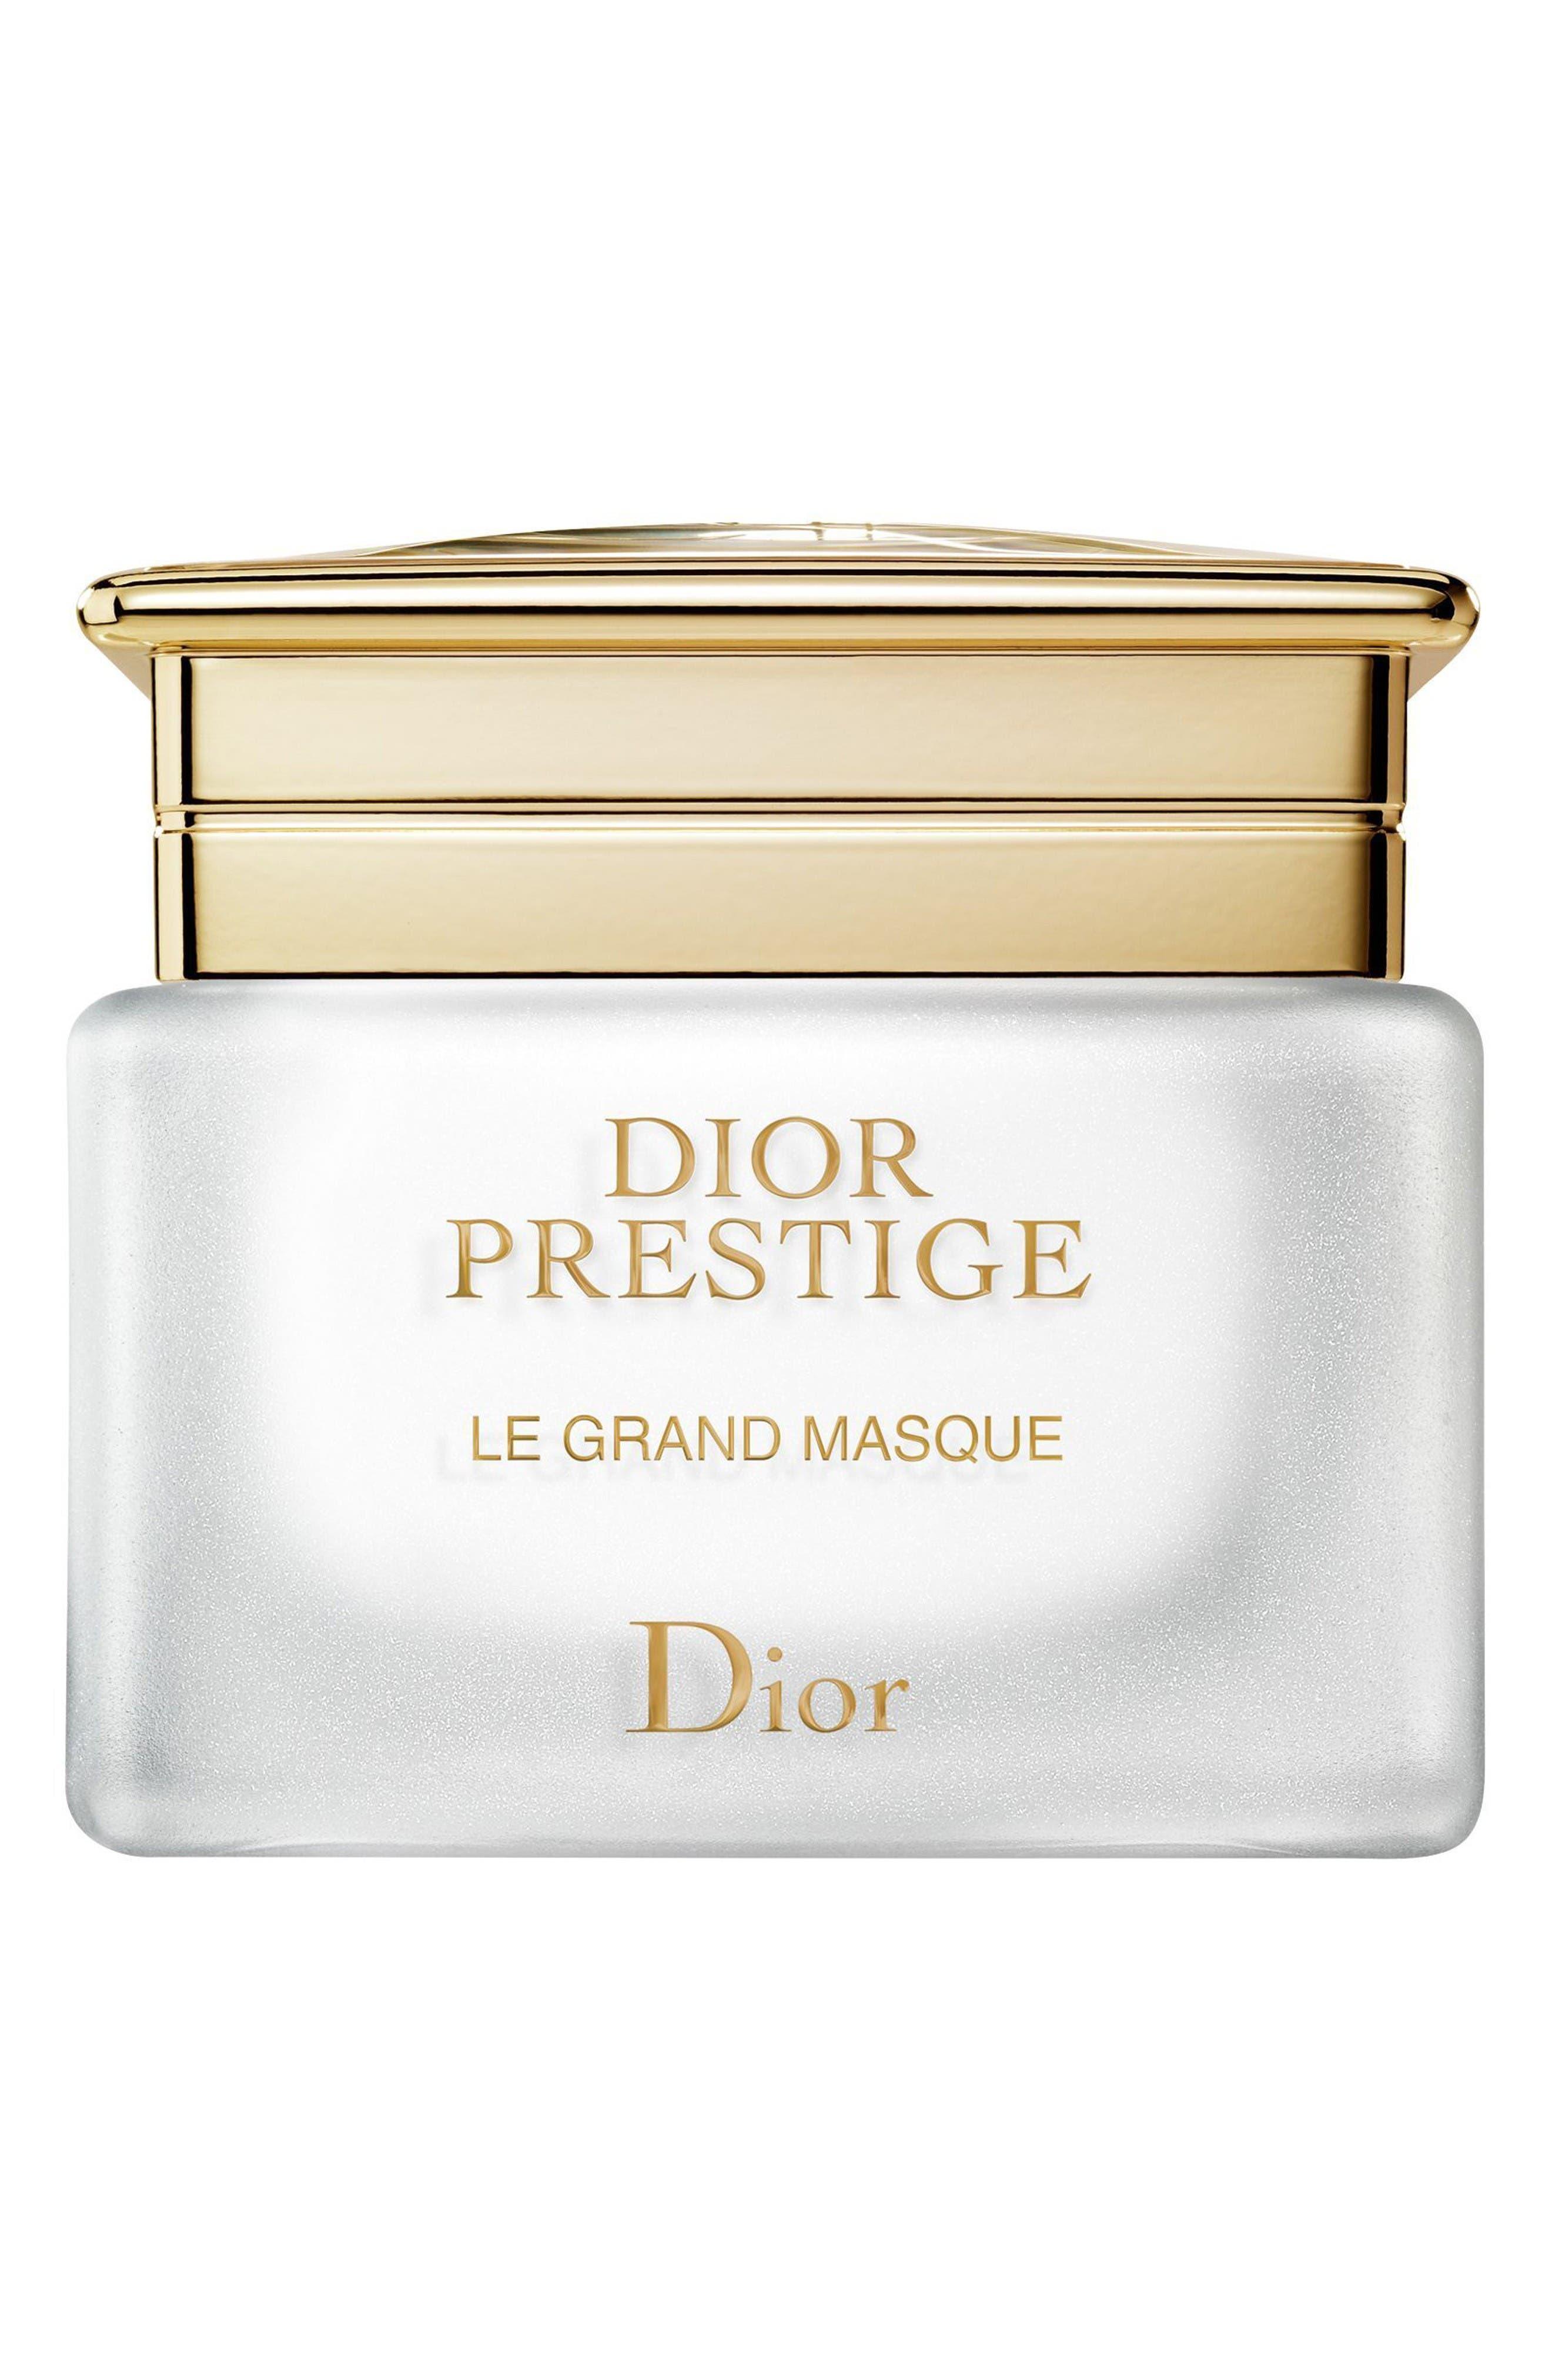 Dior Prestige Le Grand Masque